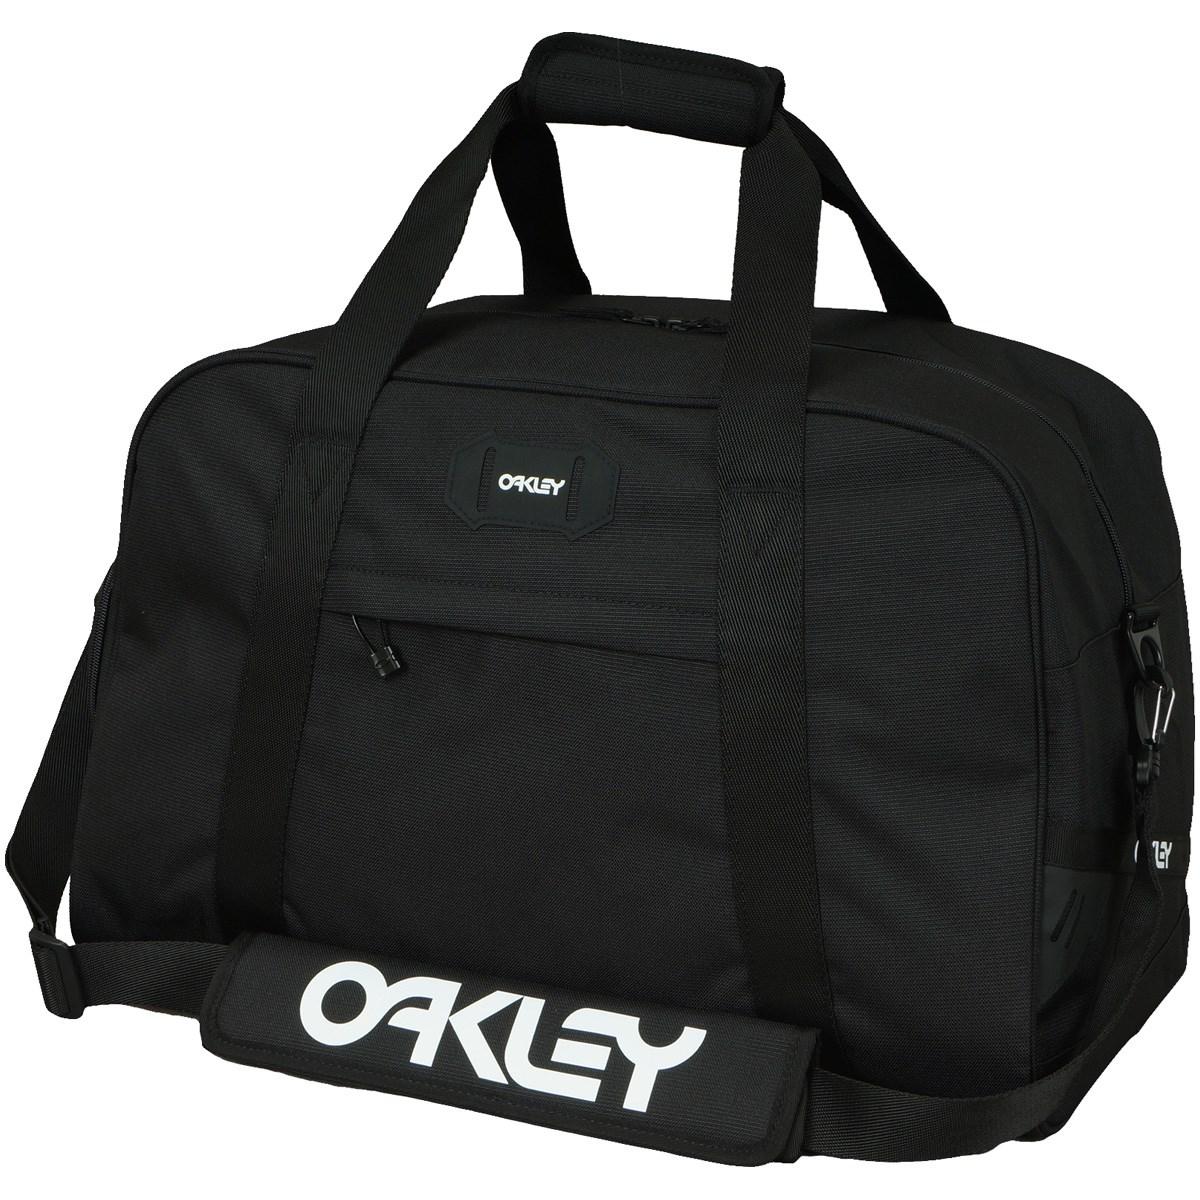 オークリー(OAKLEY) STREET ボストンバッグ